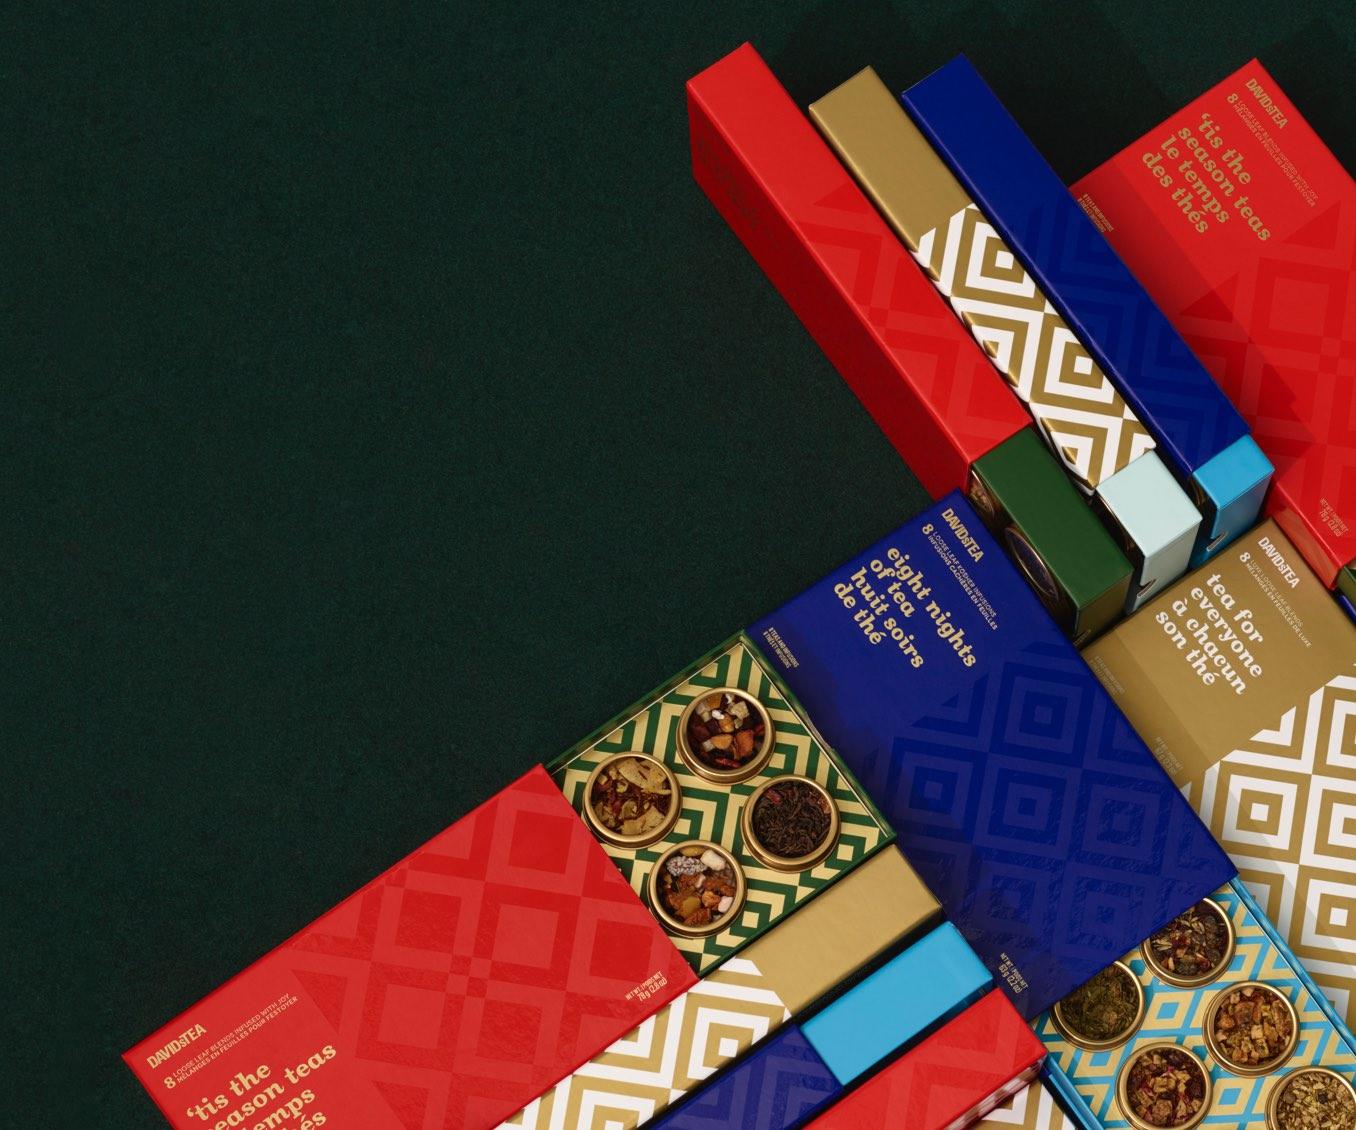 Diverses boîtes de 8 thés placées à l'horizontale et à la verticale.